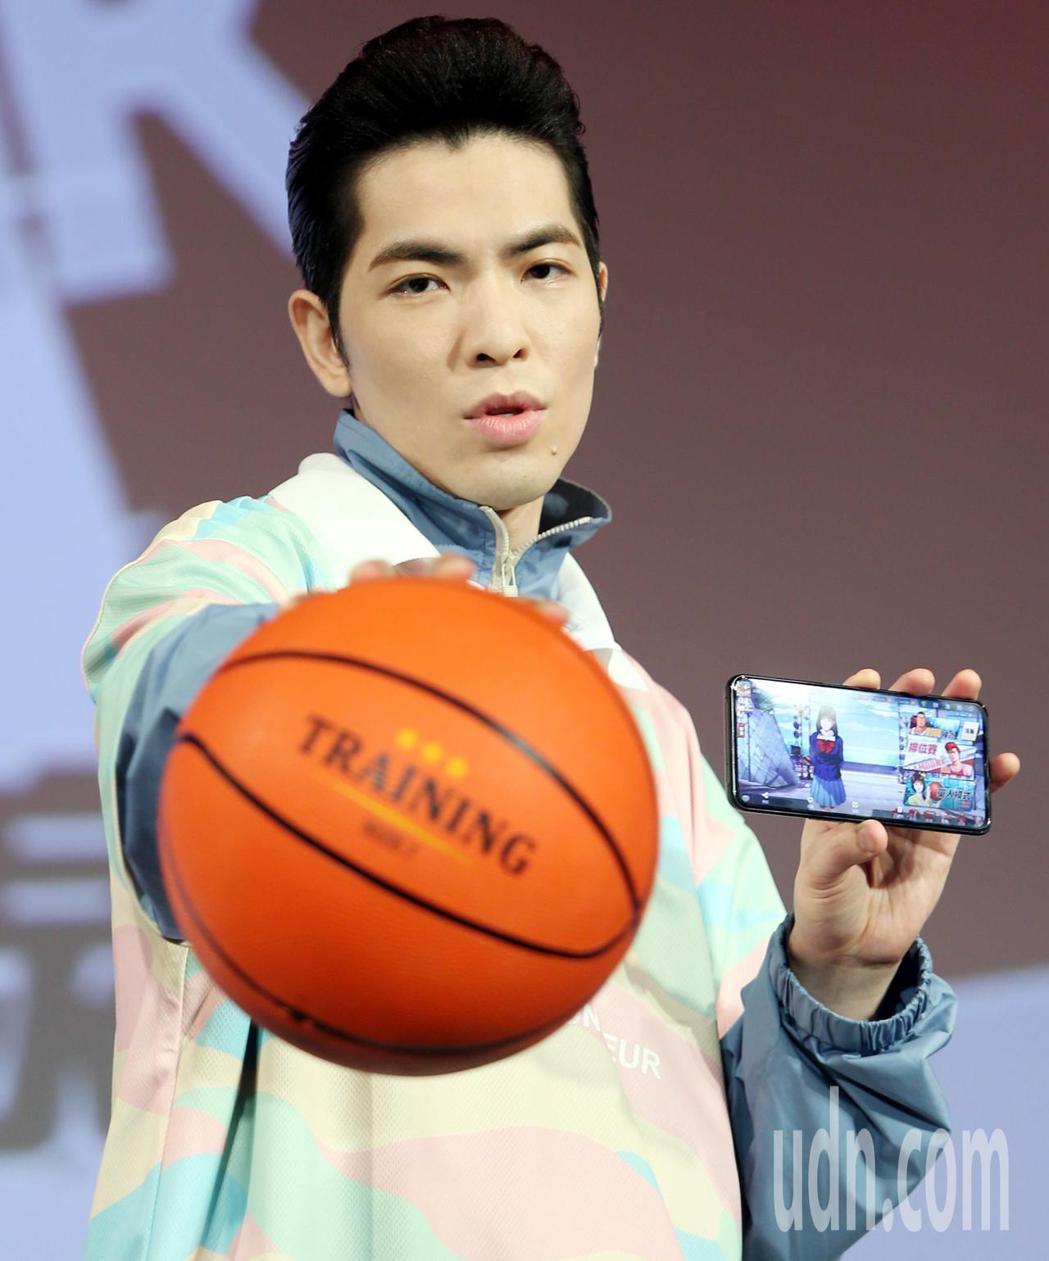 蕭敬騰從小就熱愛籃球運動。記者侯永全/攝影